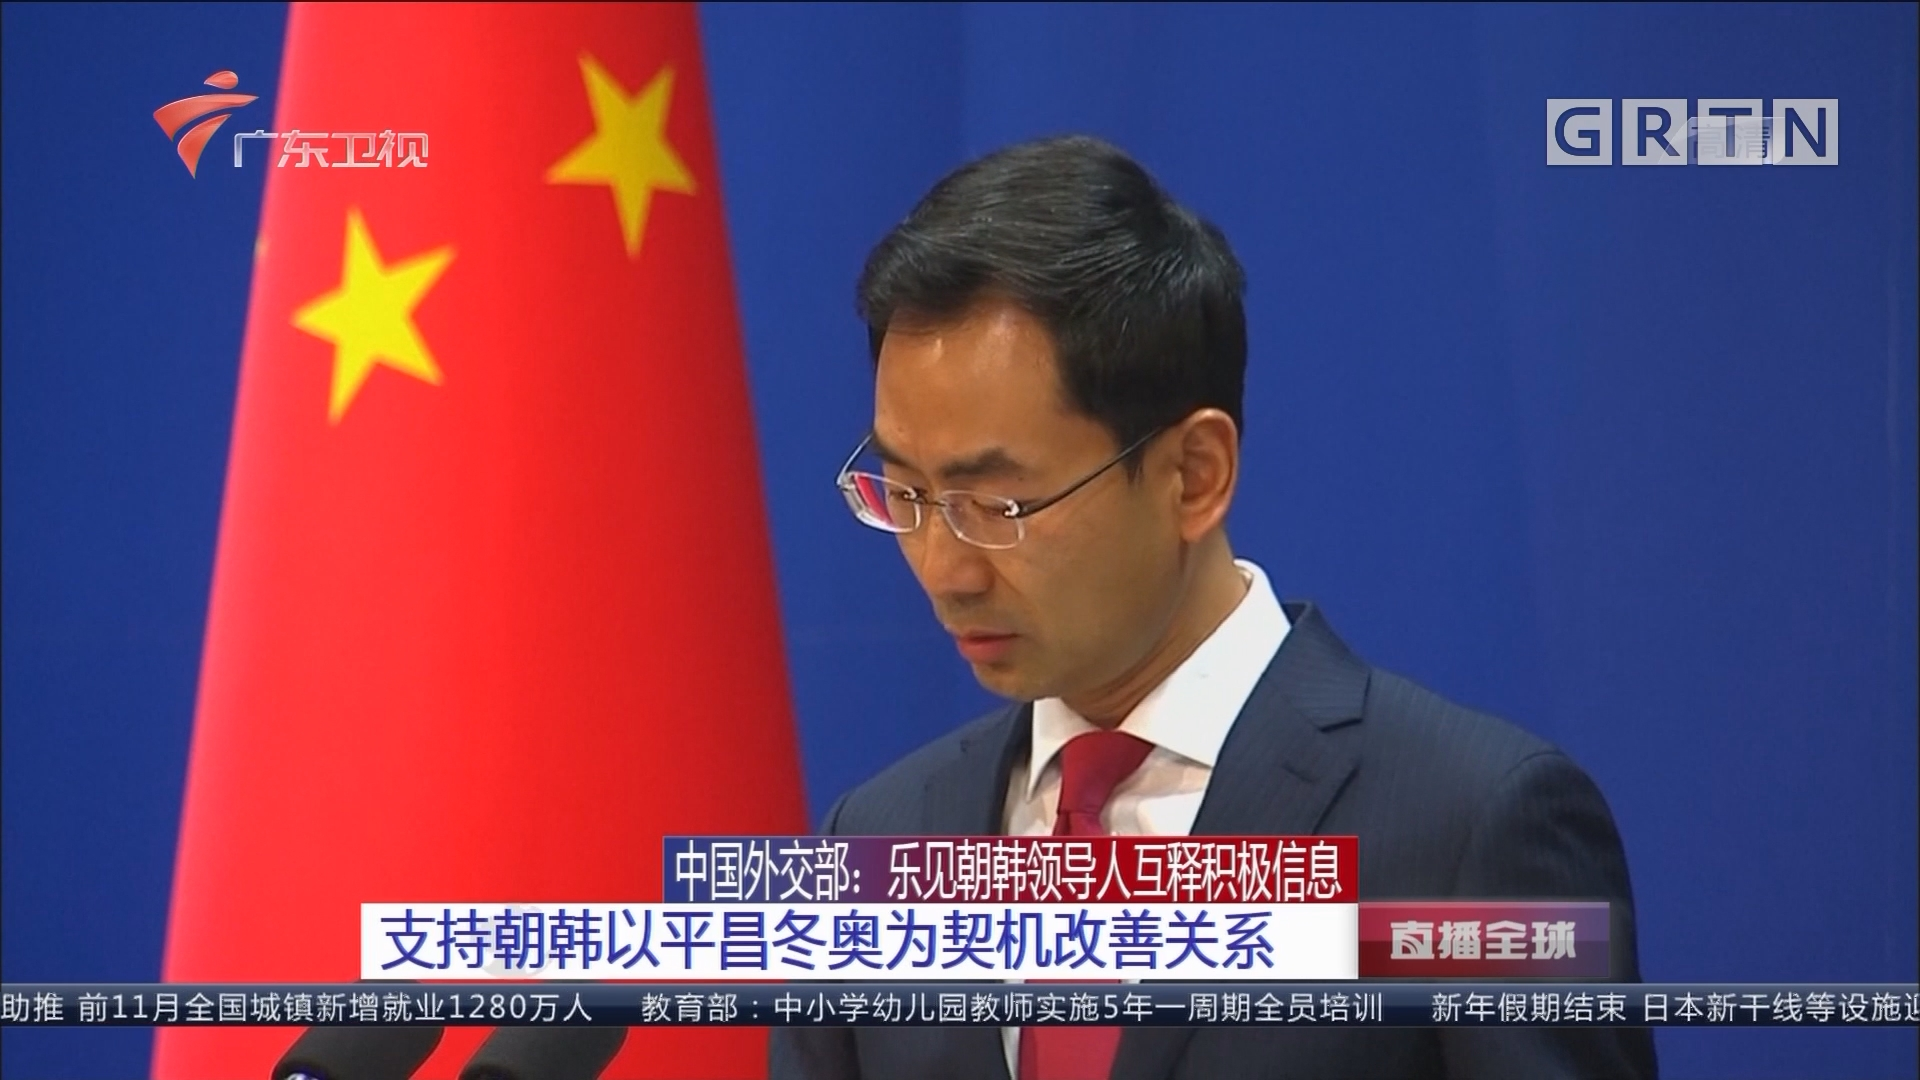 中国外交部:乐见朝韩领导人互释积极信息 支持朝韩以平昌冬奥为契机改善关系